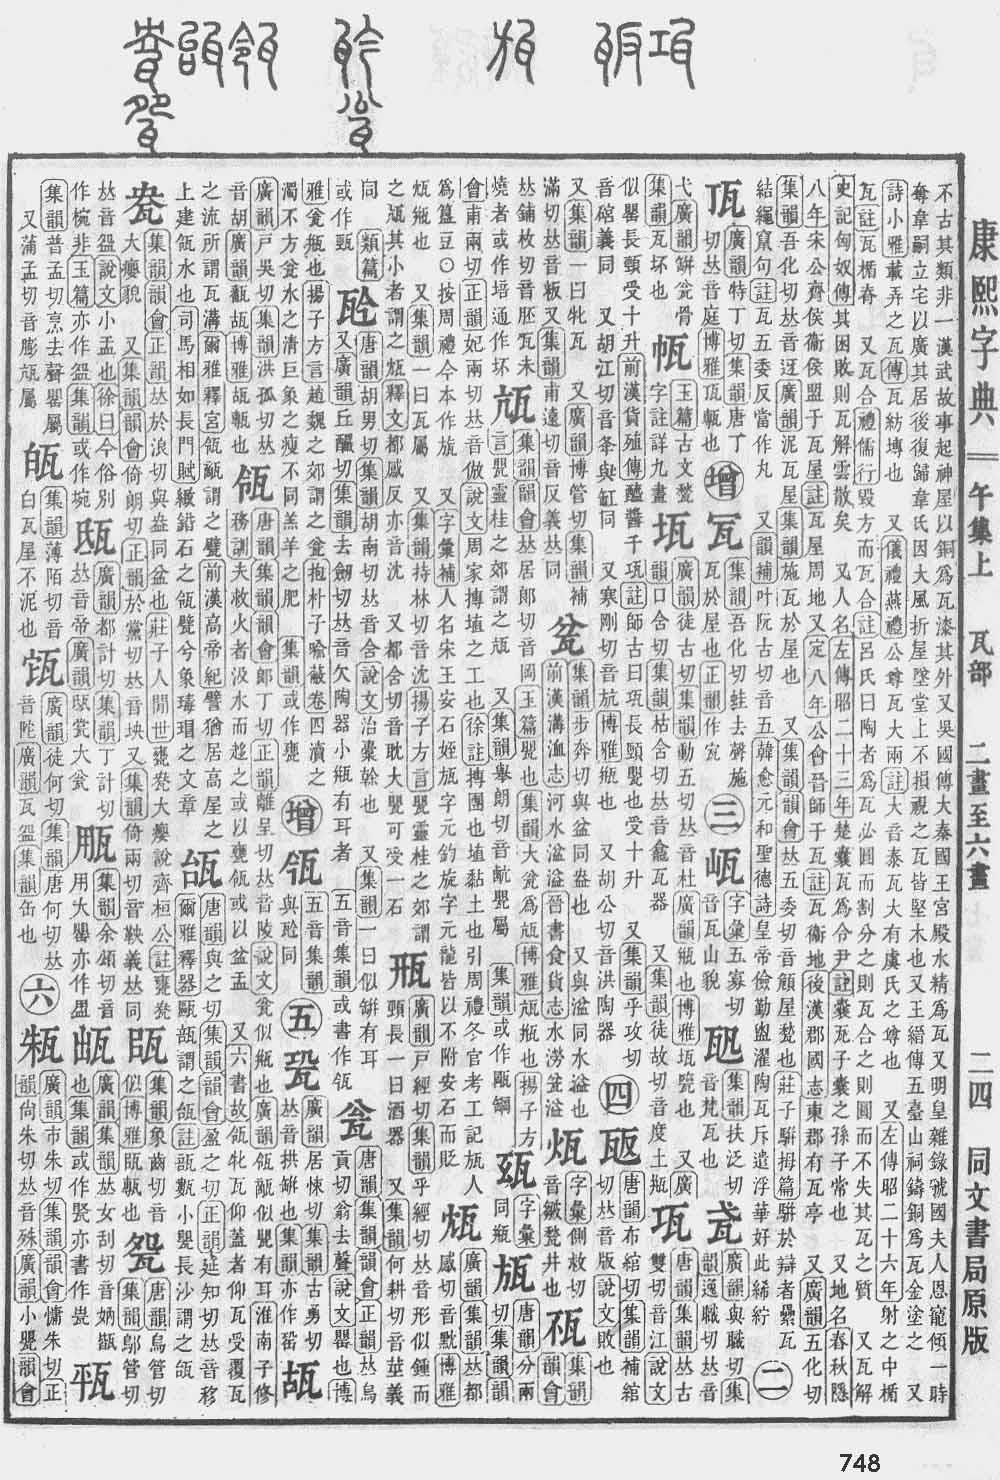 《康熙字典》第748页